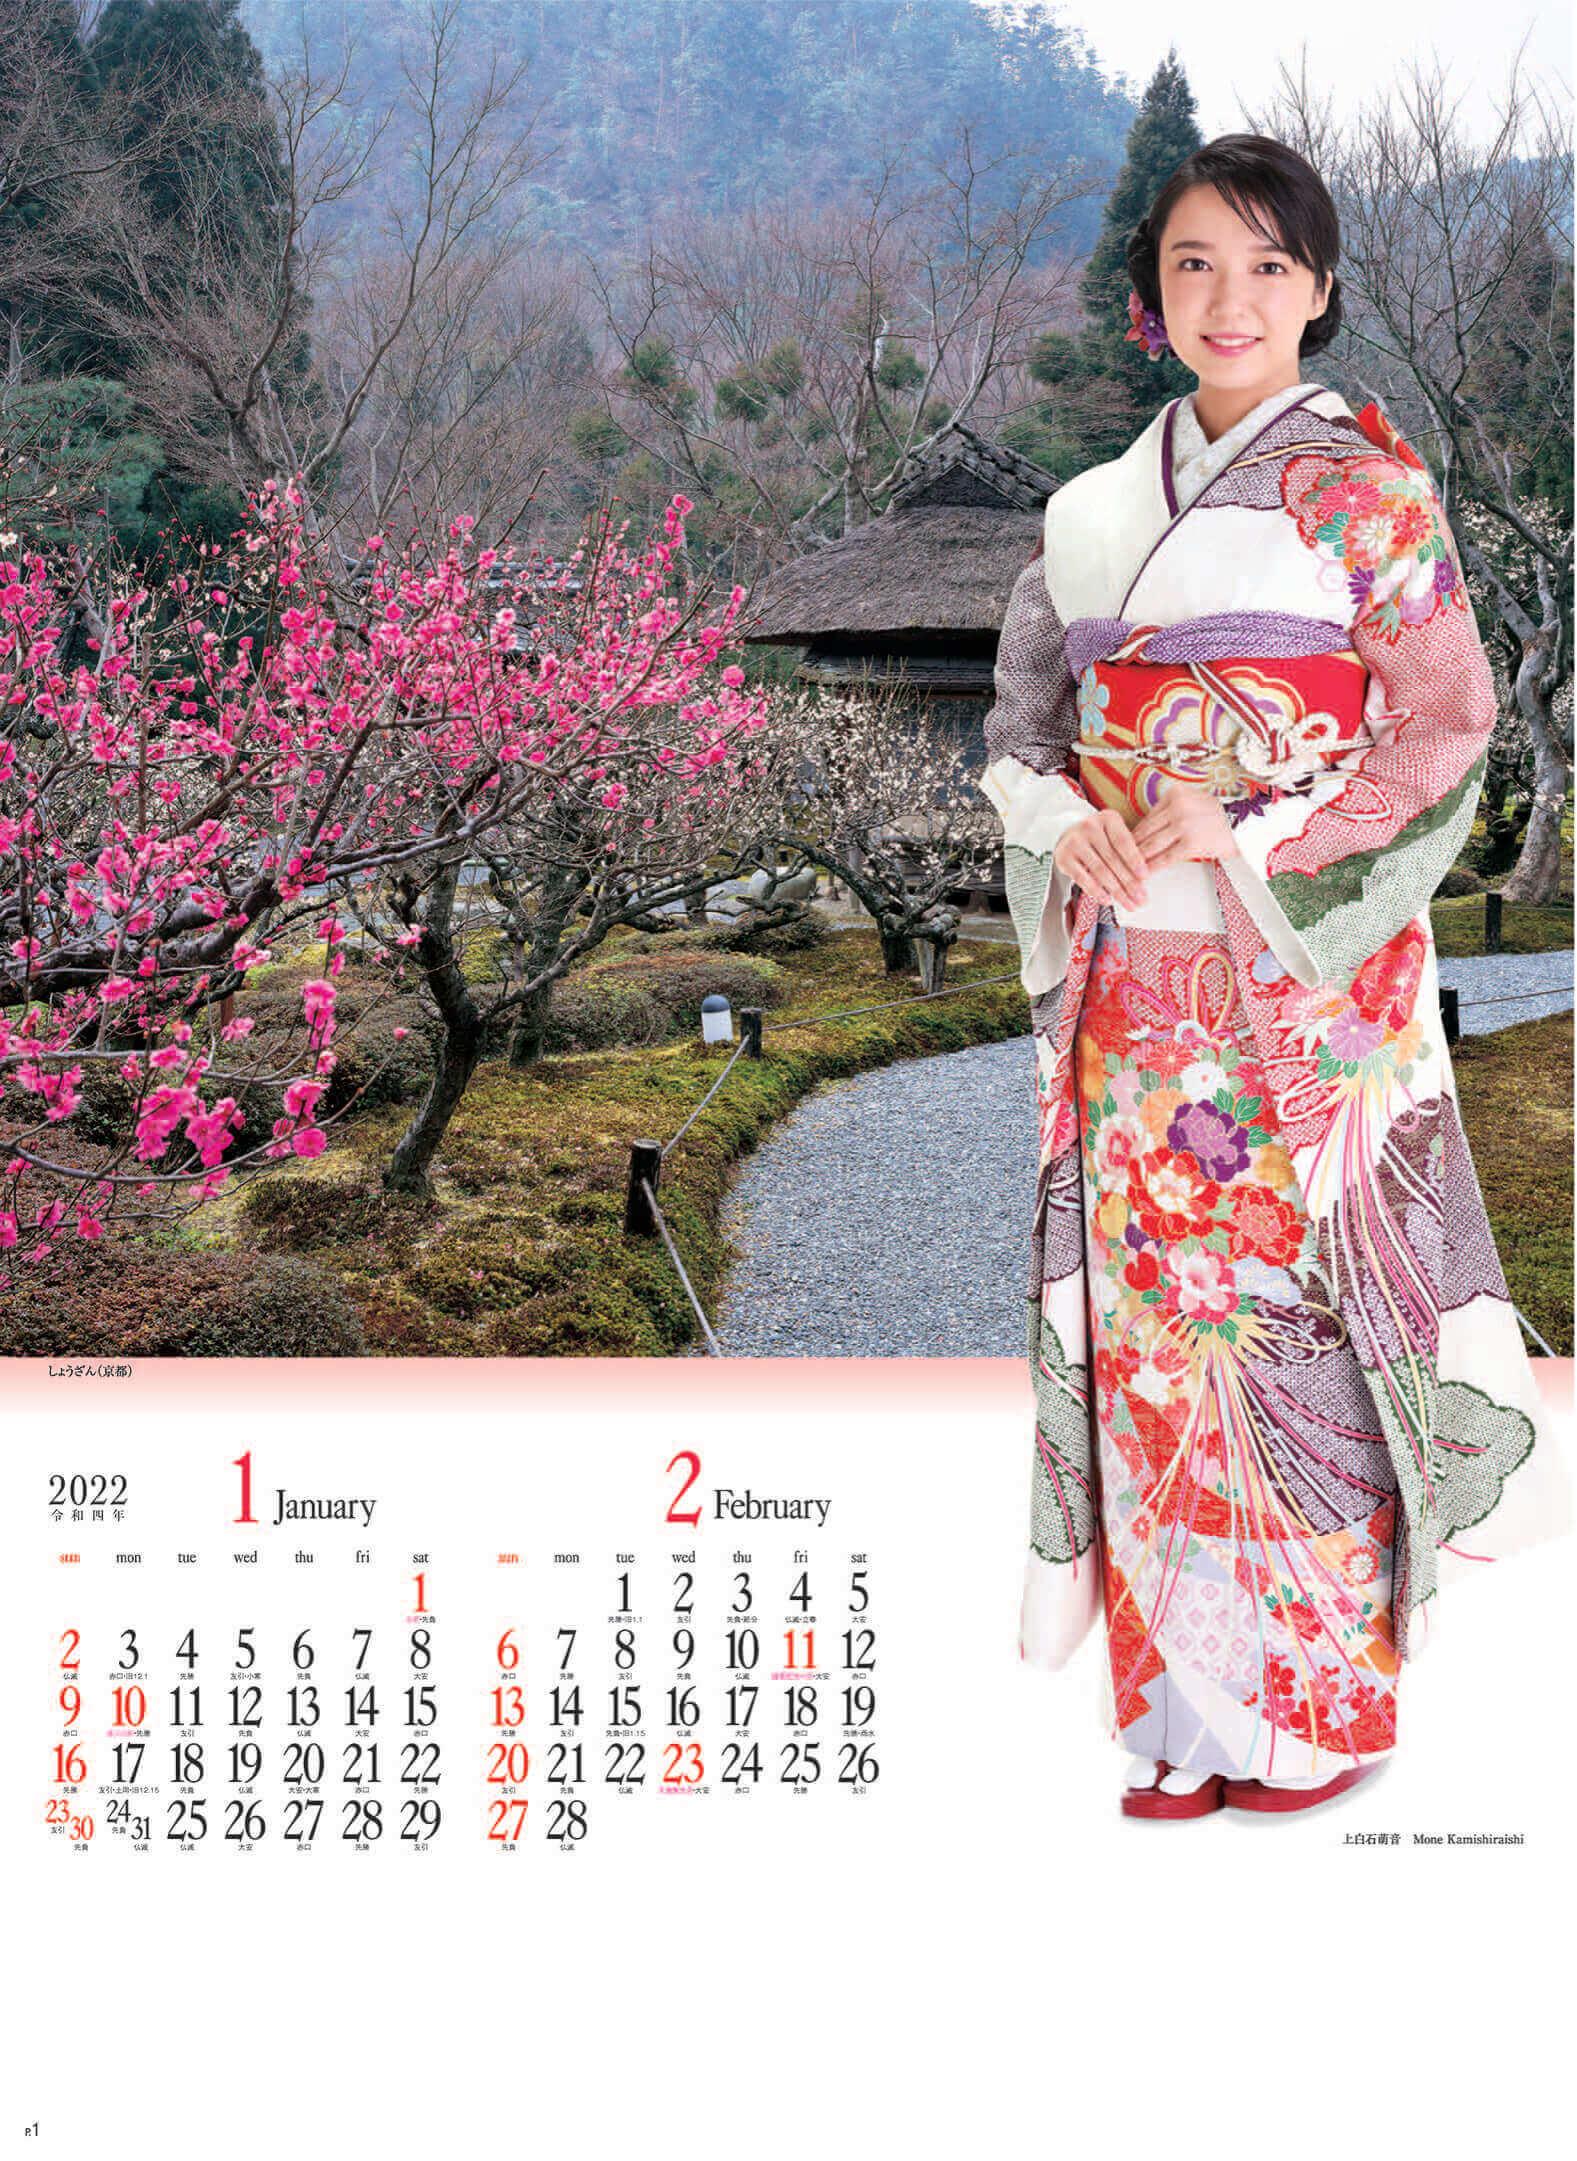 1-2月 上白石萌音 みやび(小) 2022年カレンダーの画像